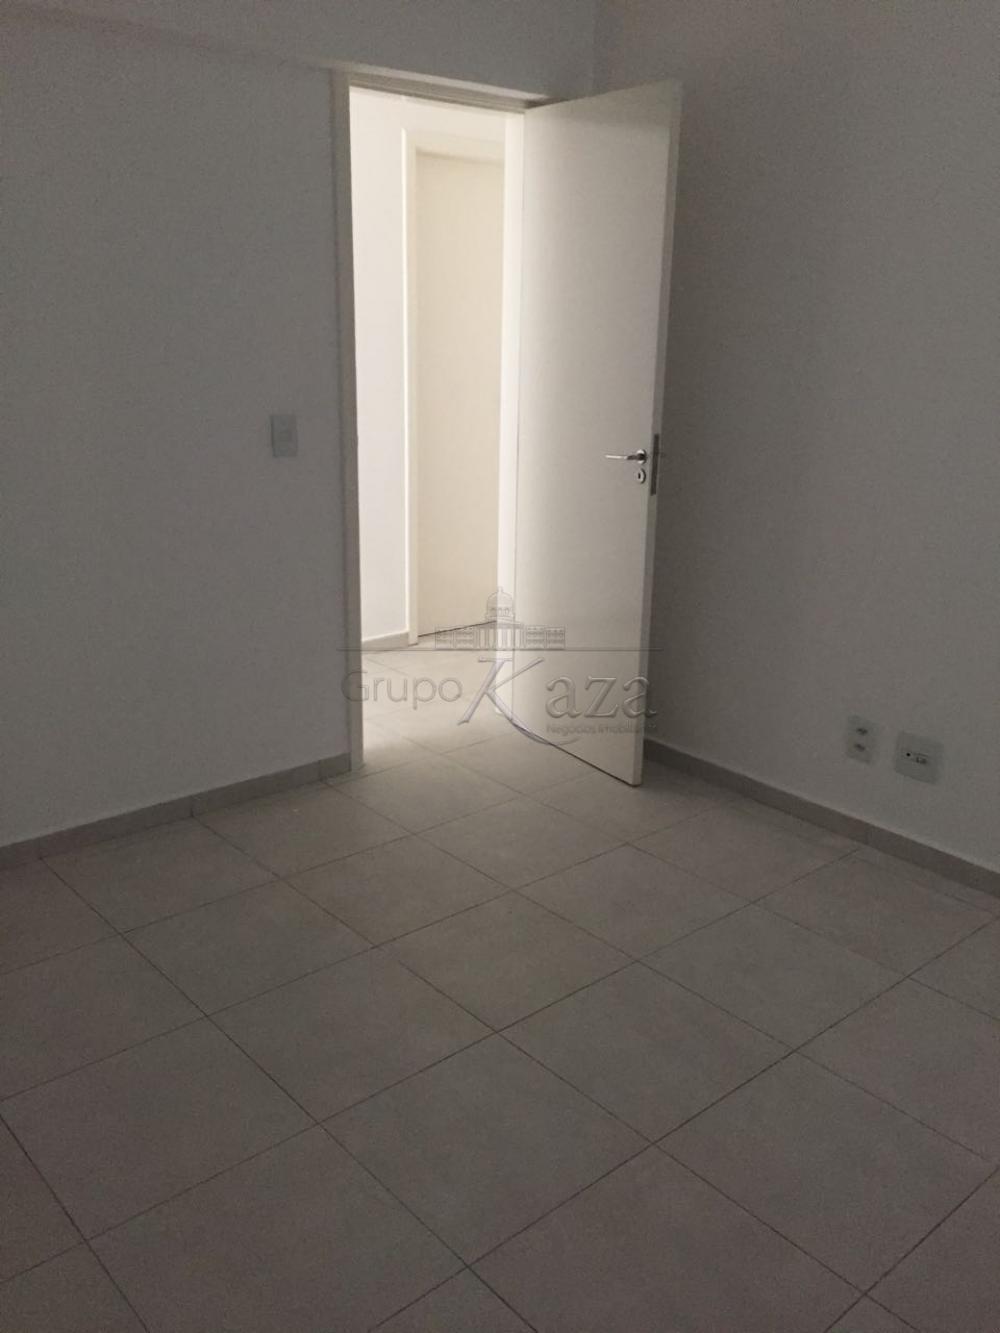 Alugar Apartamento / Padrão em Jacareí apenas R$ 1.180,00 - Foto 6